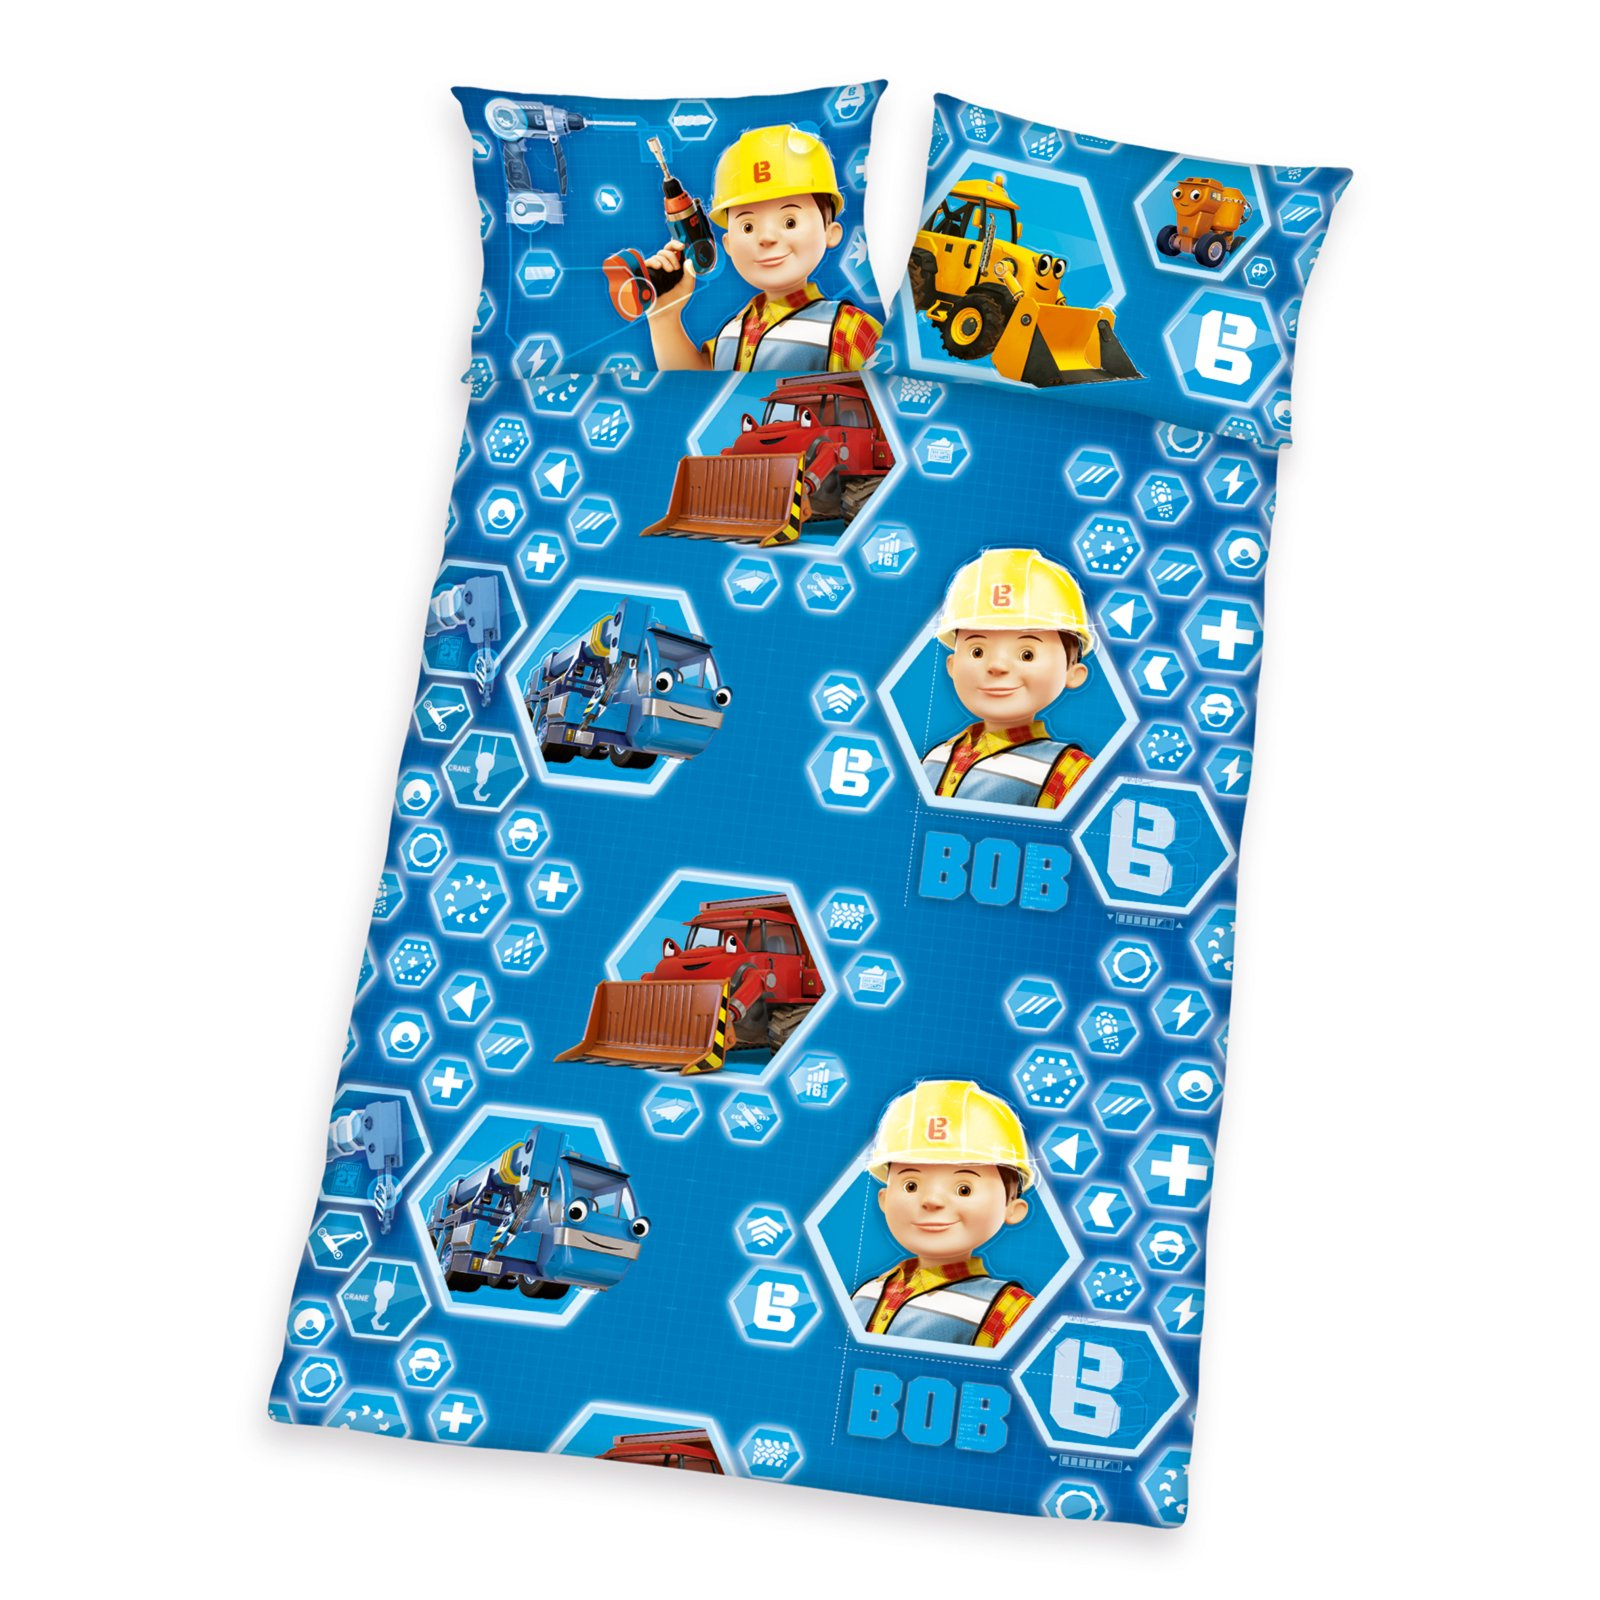 Bettwäsche Kinder 100x135 : kinder bettw sche bob der baumeister blau 100x135 cm ~ Watch28wear.com Haus und Dekorationen